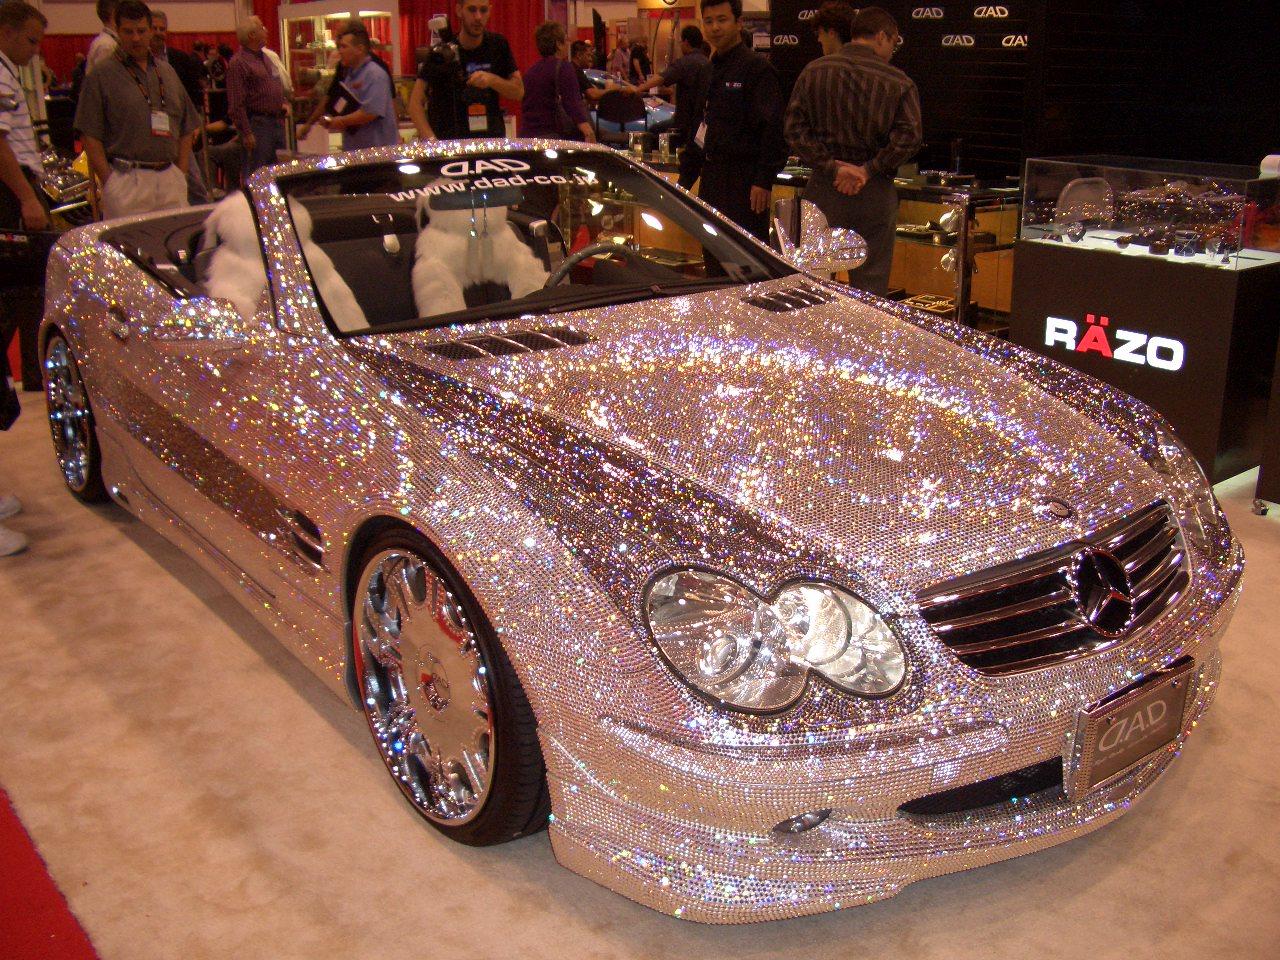 SEMA SHOW Mercedes bling bling